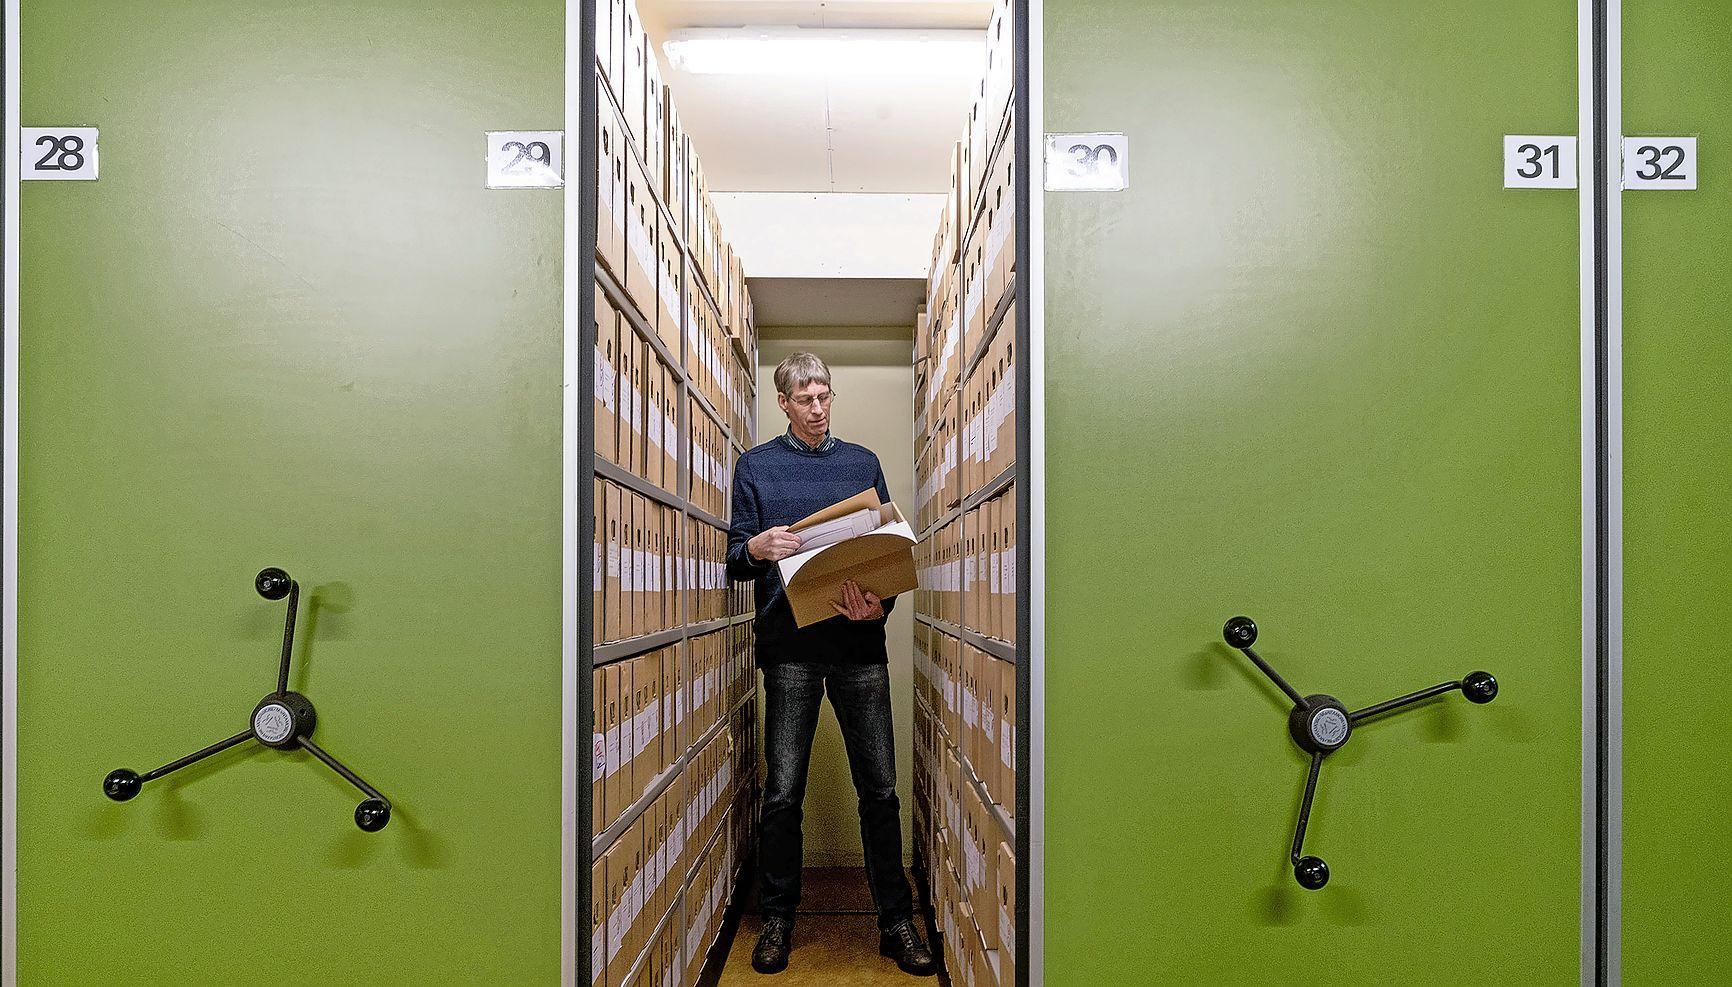 Archiveren is niet het sterke punt van Haarlemmermeer